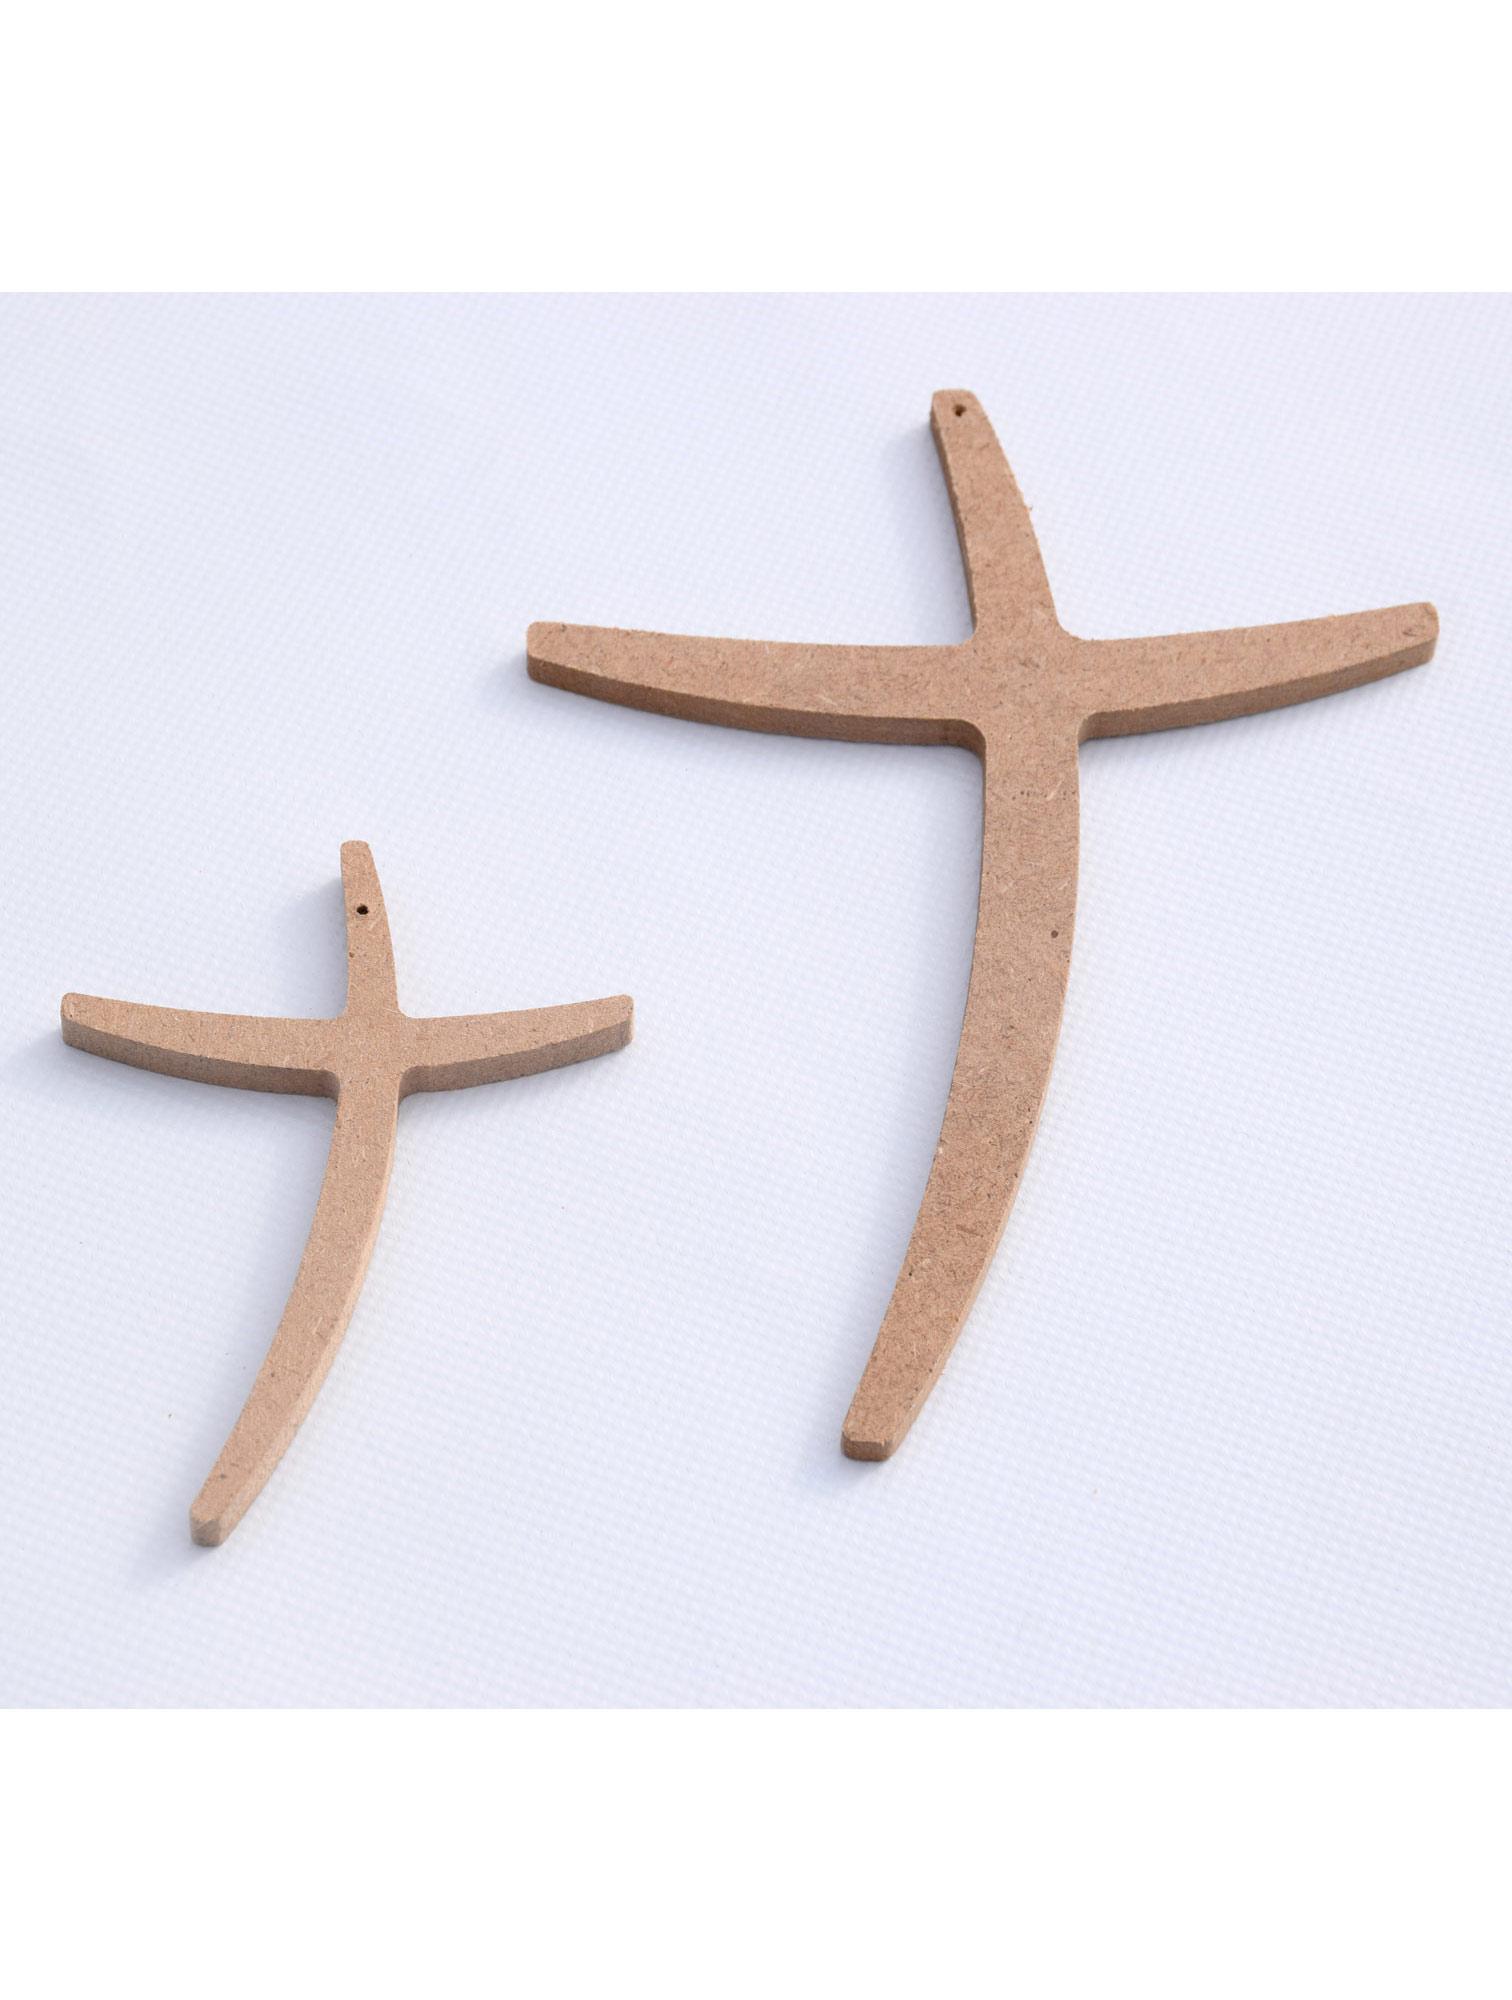 objets croix en bois grande. Black Bedroom Furniture Sets. Home Design Ideas